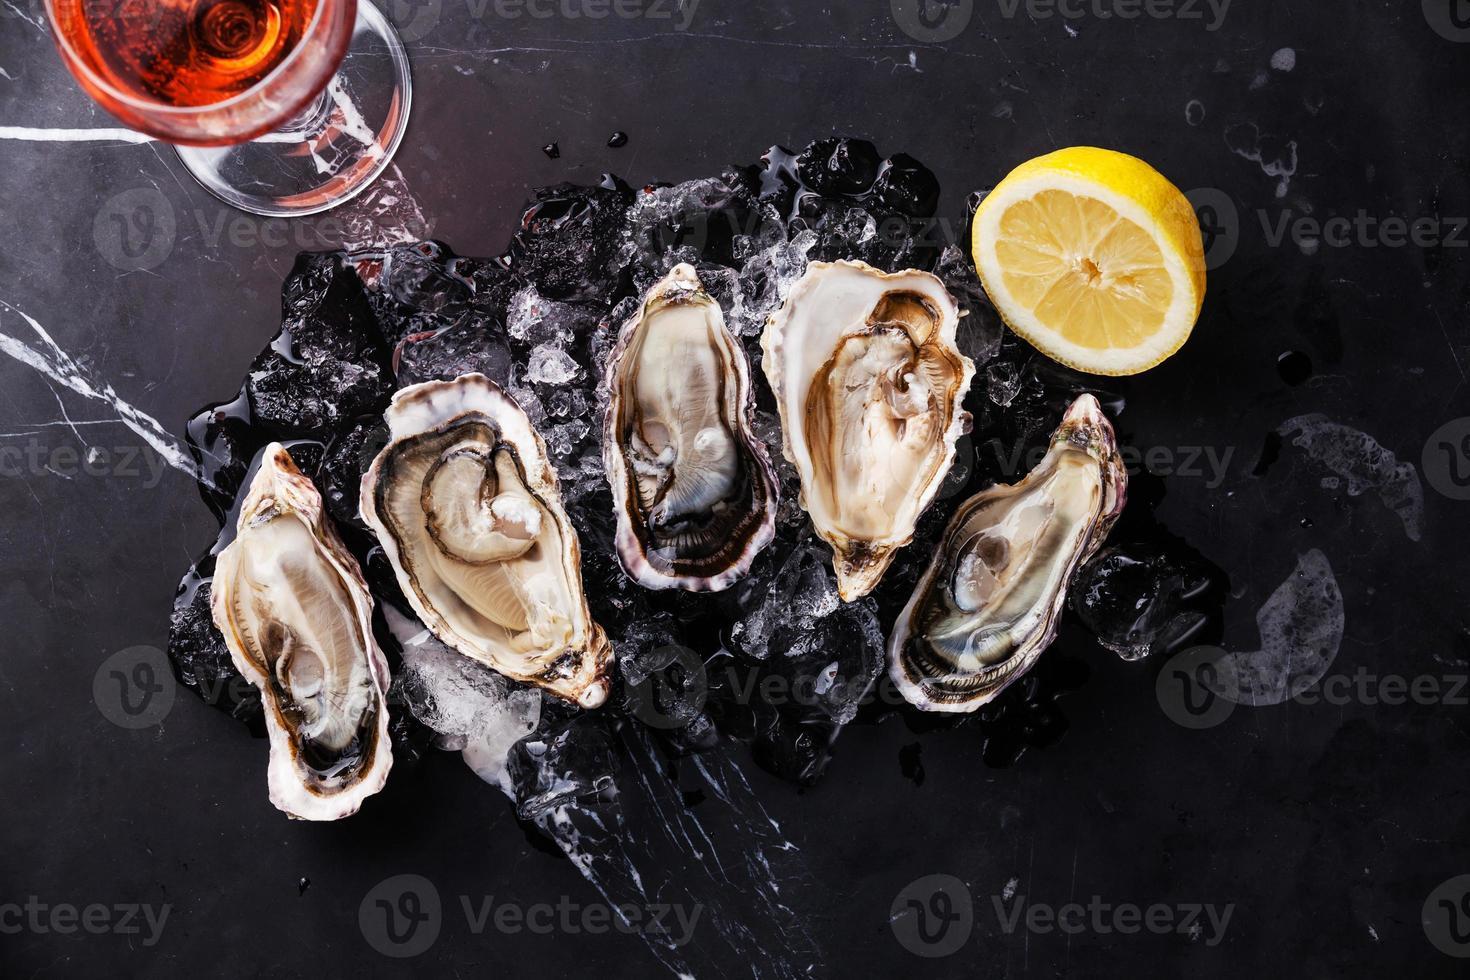 huîtres ouvertes avec glace, citron et vin photo